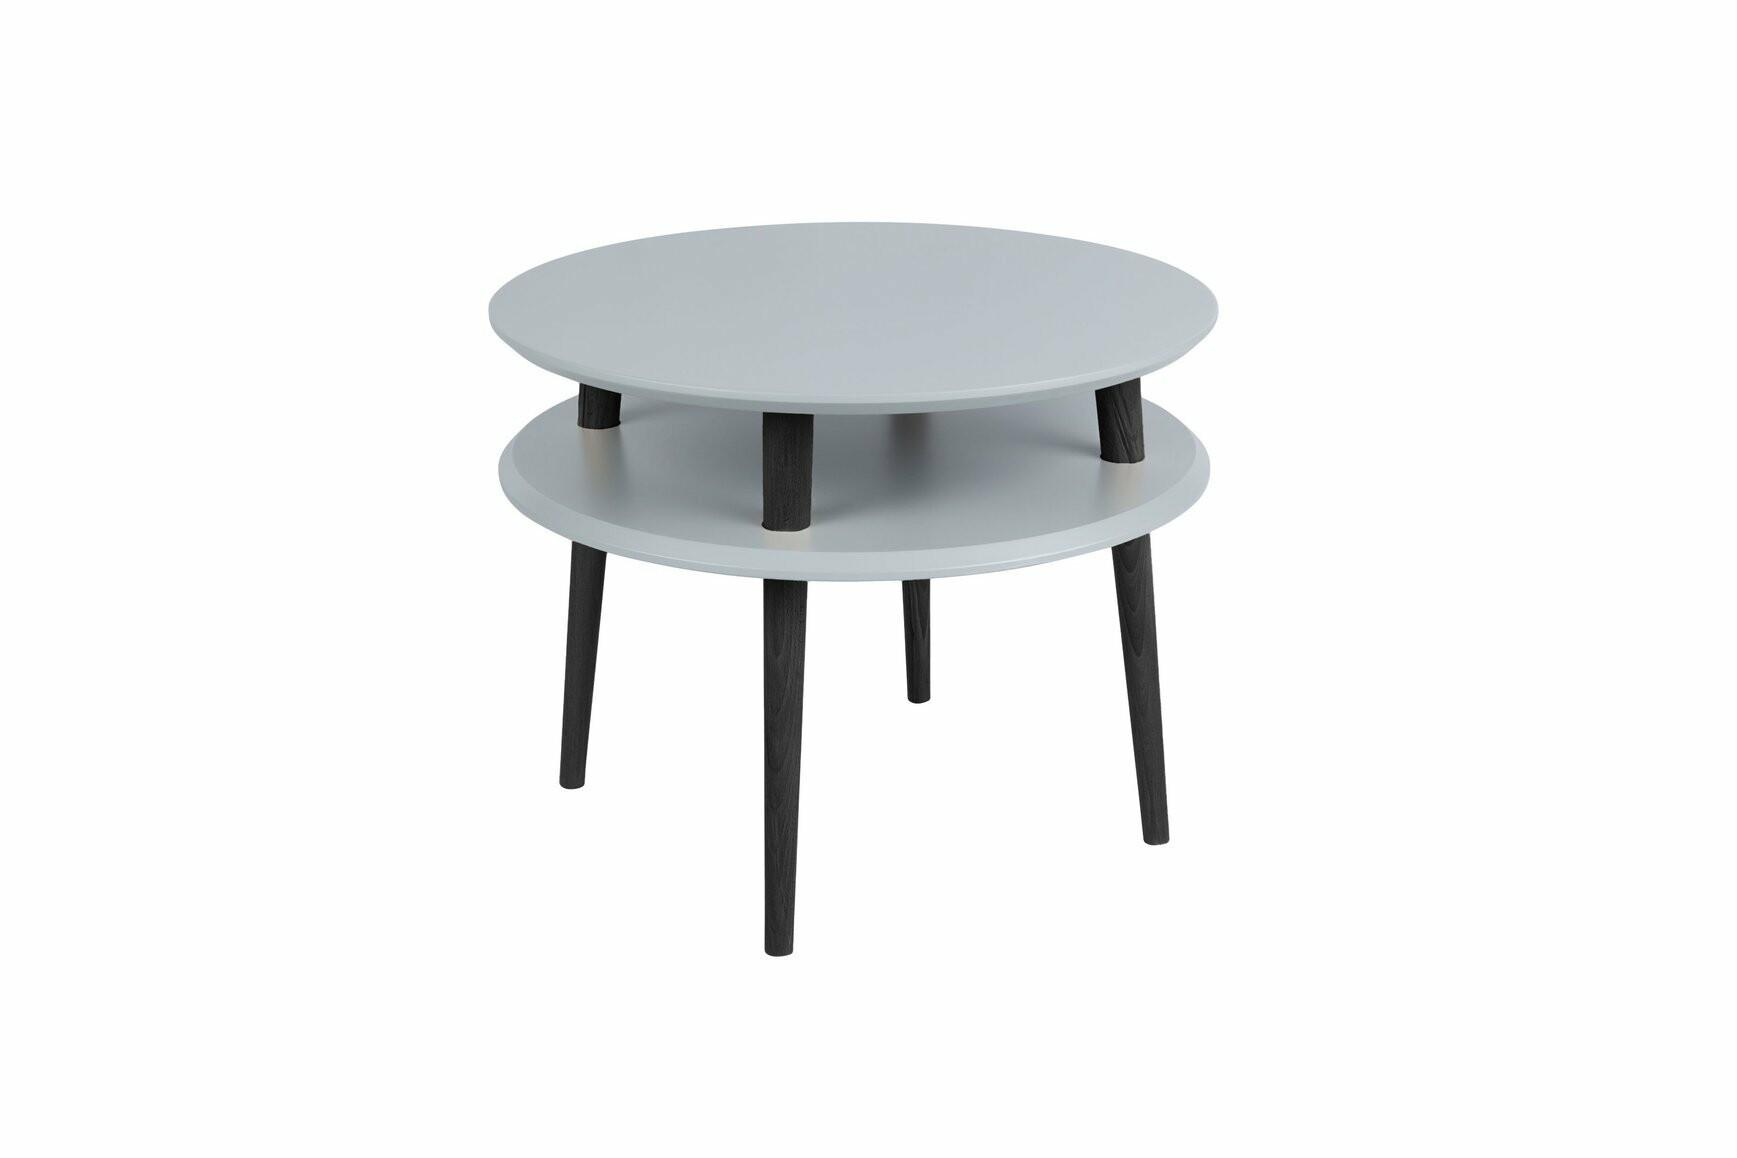 UFO Couchtisch Ø 57cm x H 45cm 01